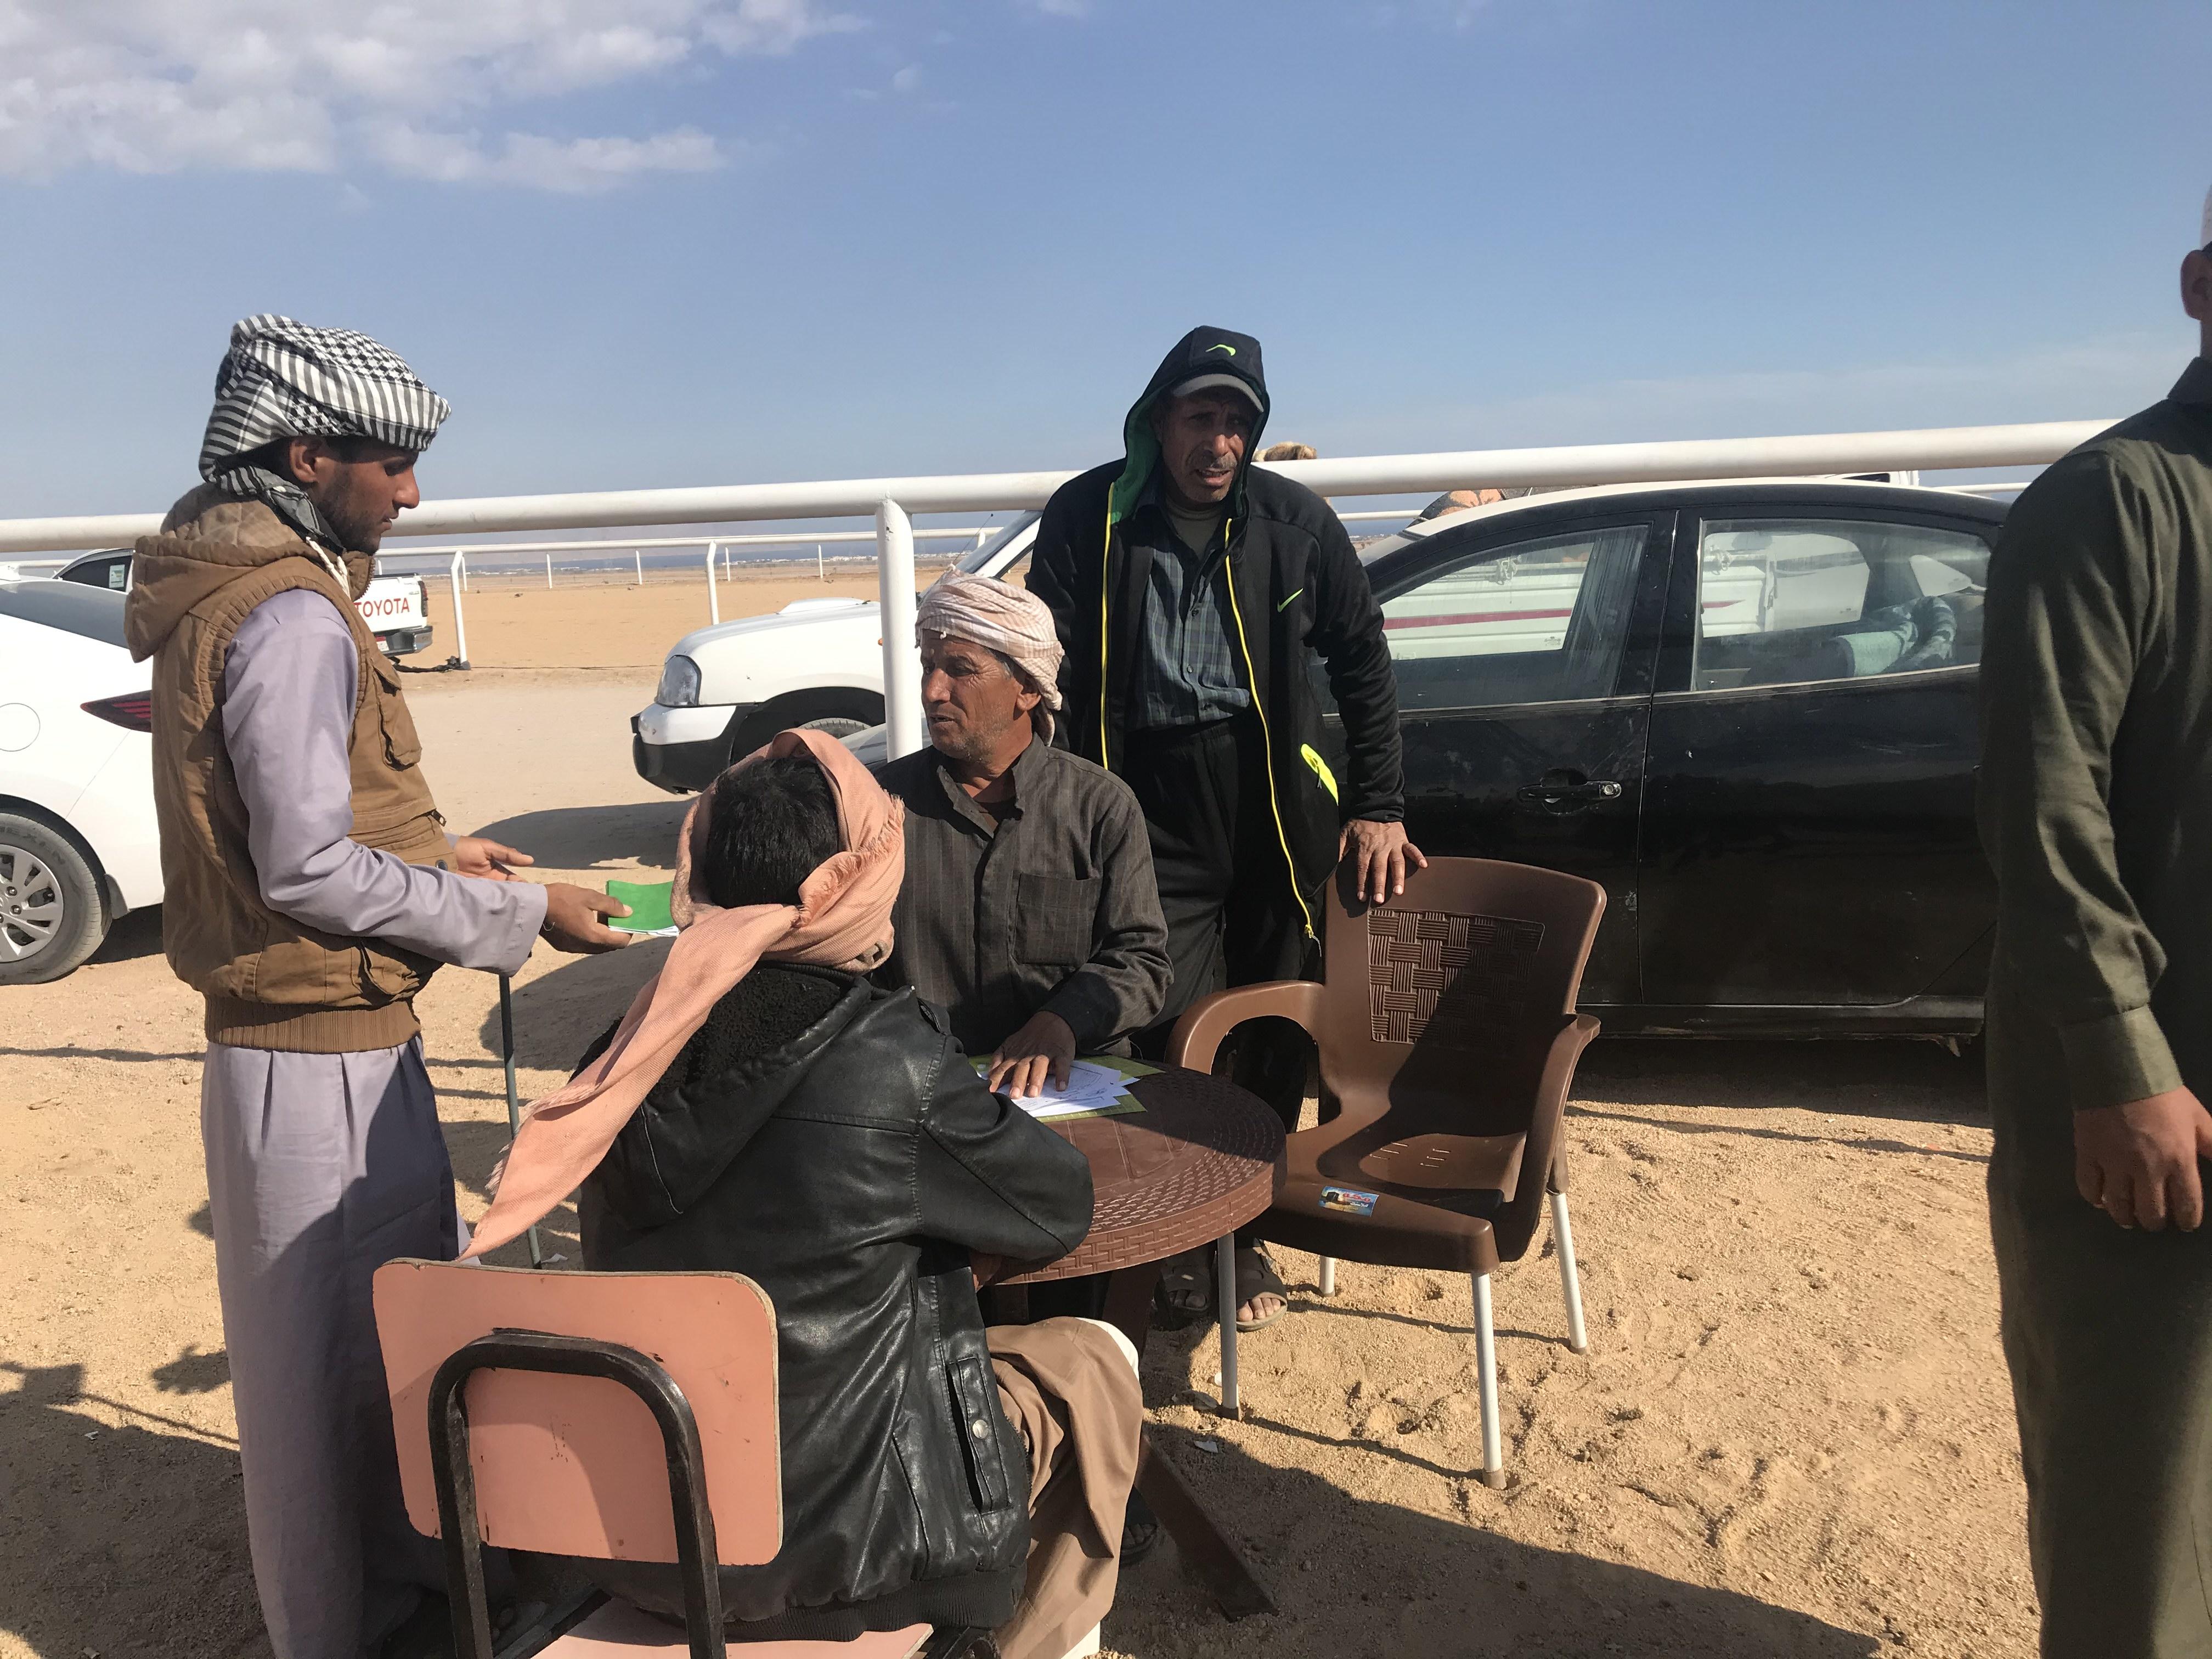 جانب من الاستعدادات لسباق الهجن بشرم الشيخ (1)